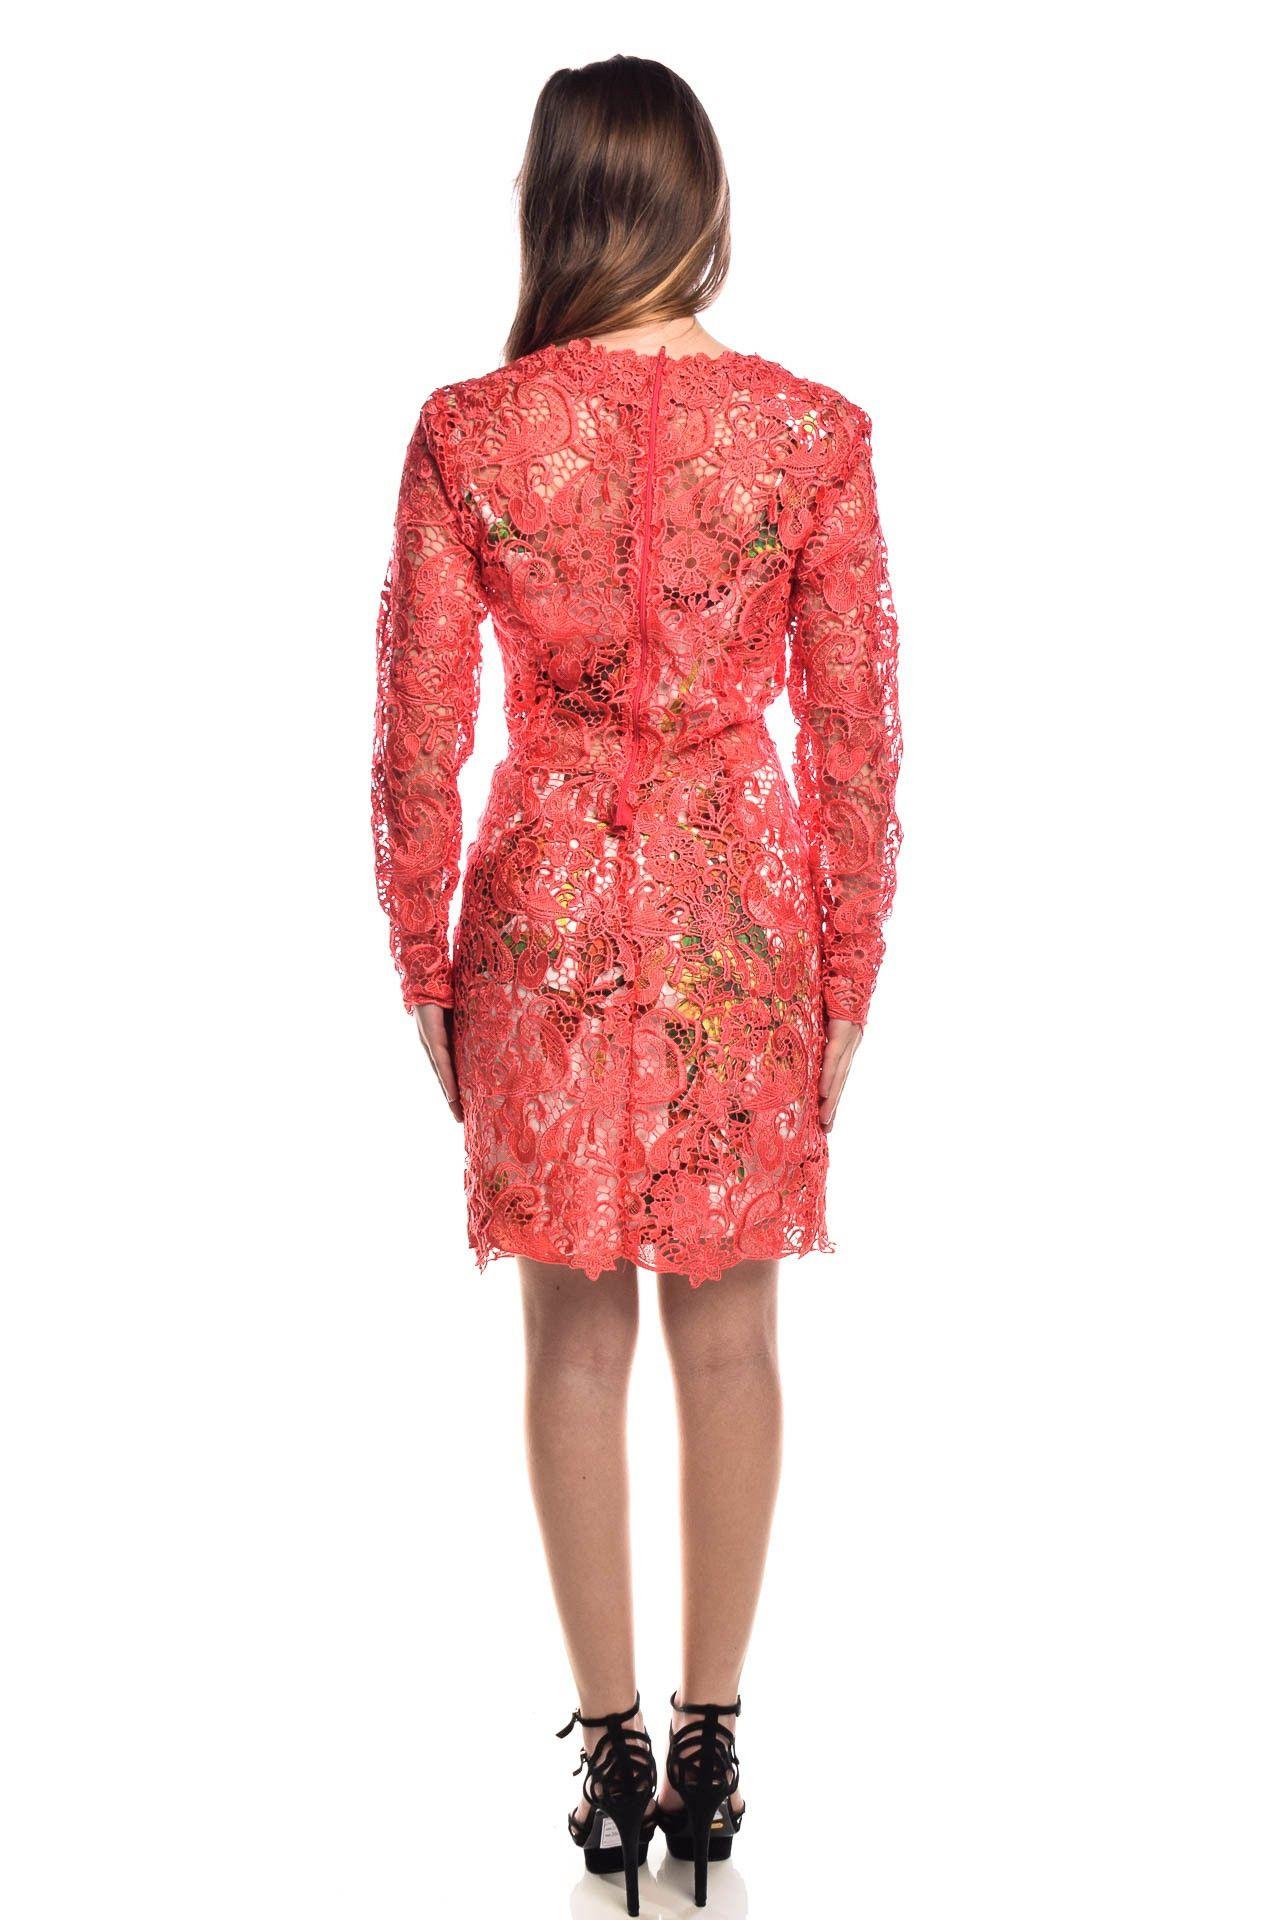 Fabulous Agilità - Conjunto Vestido Renda Coral - Foto 5